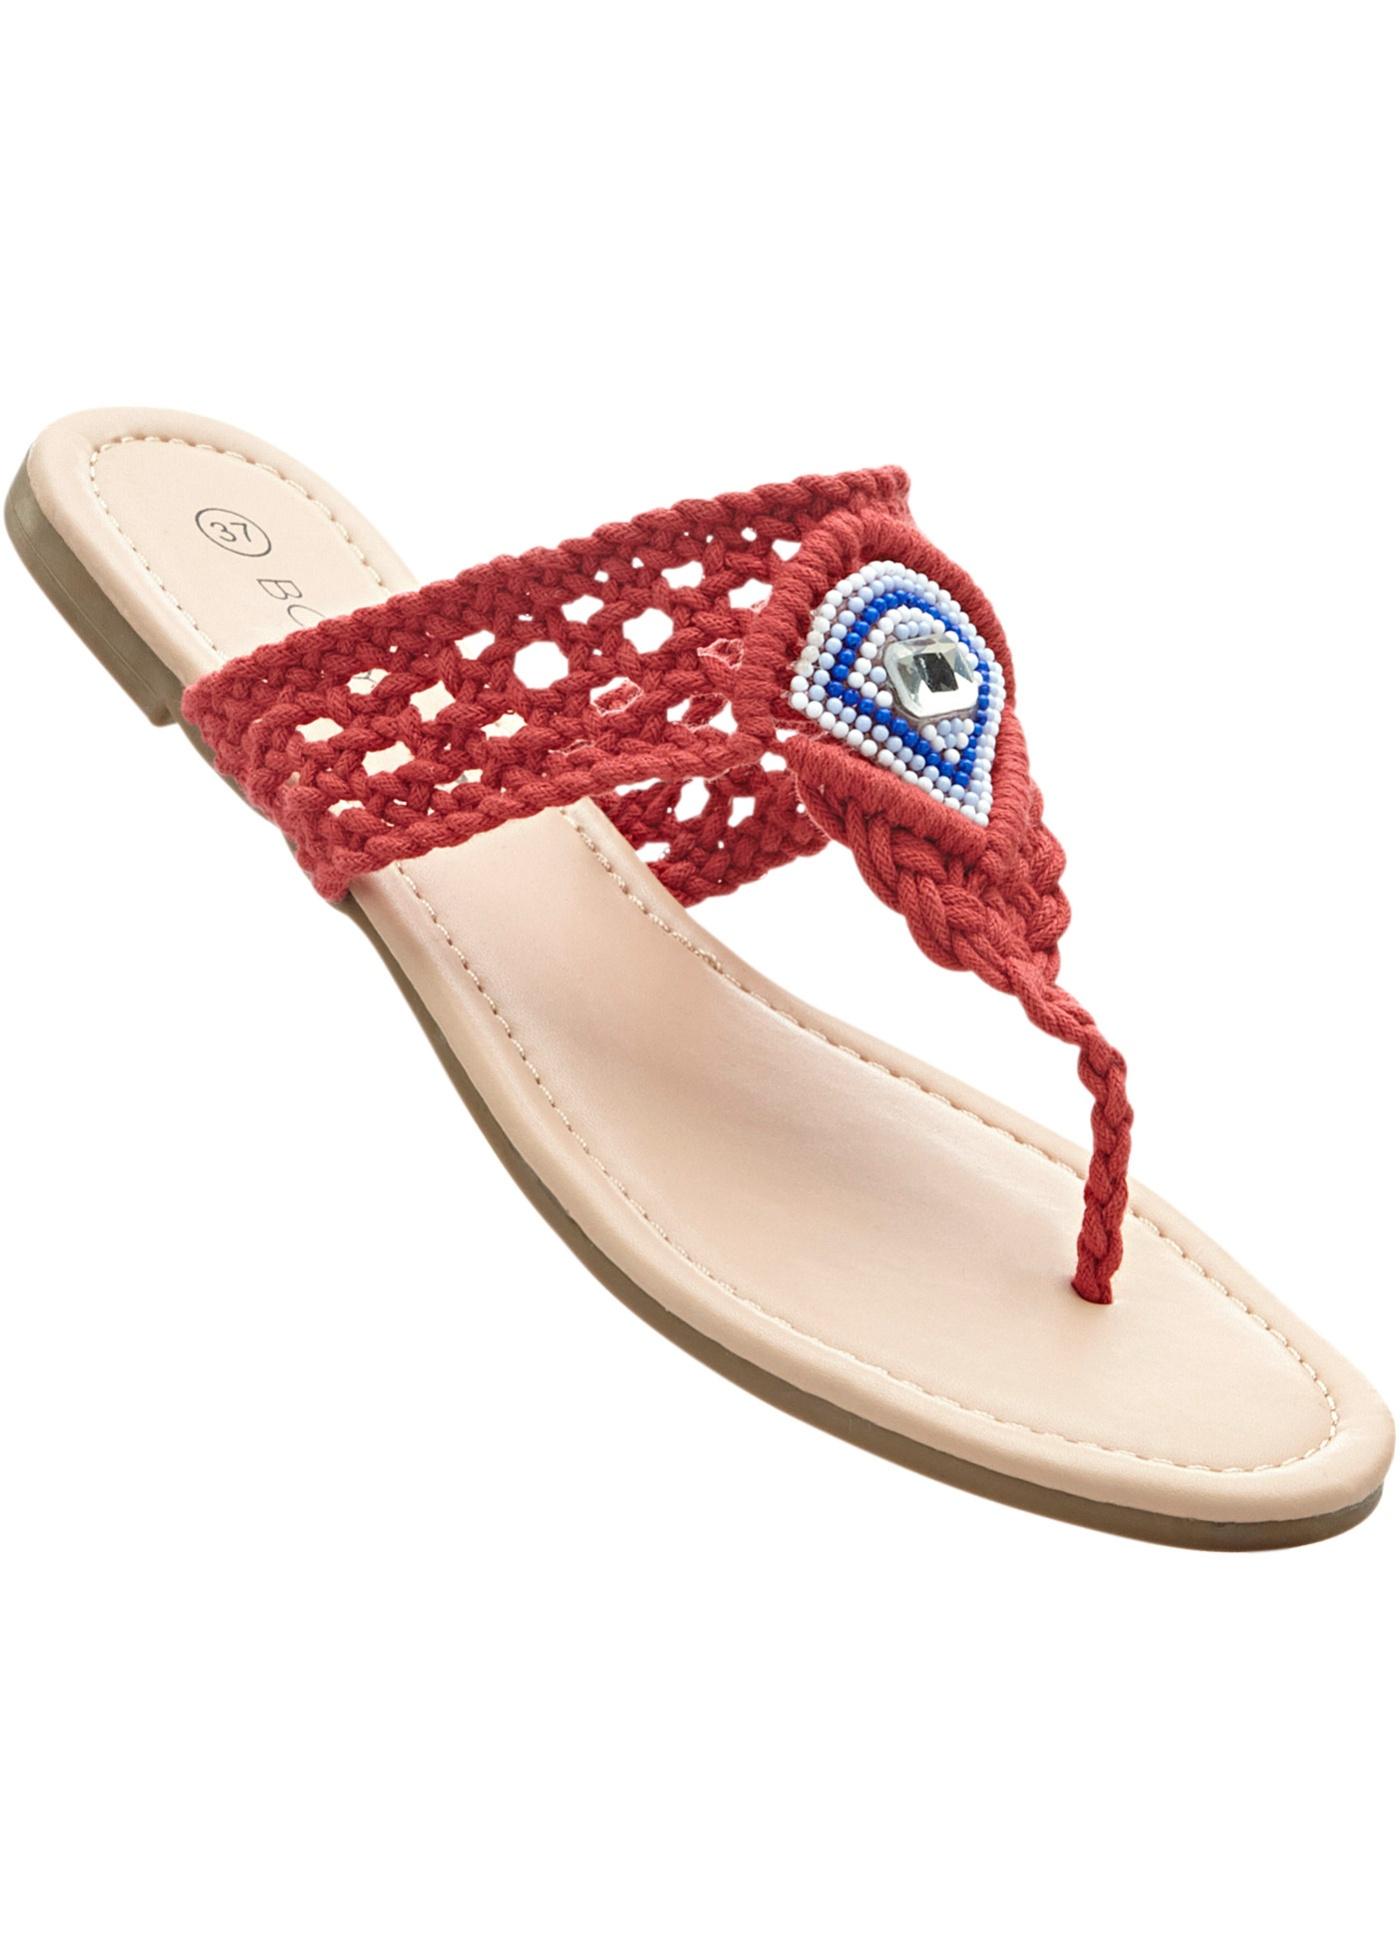 Pantofle s přepážkou na palec - Červená 505e2675ff